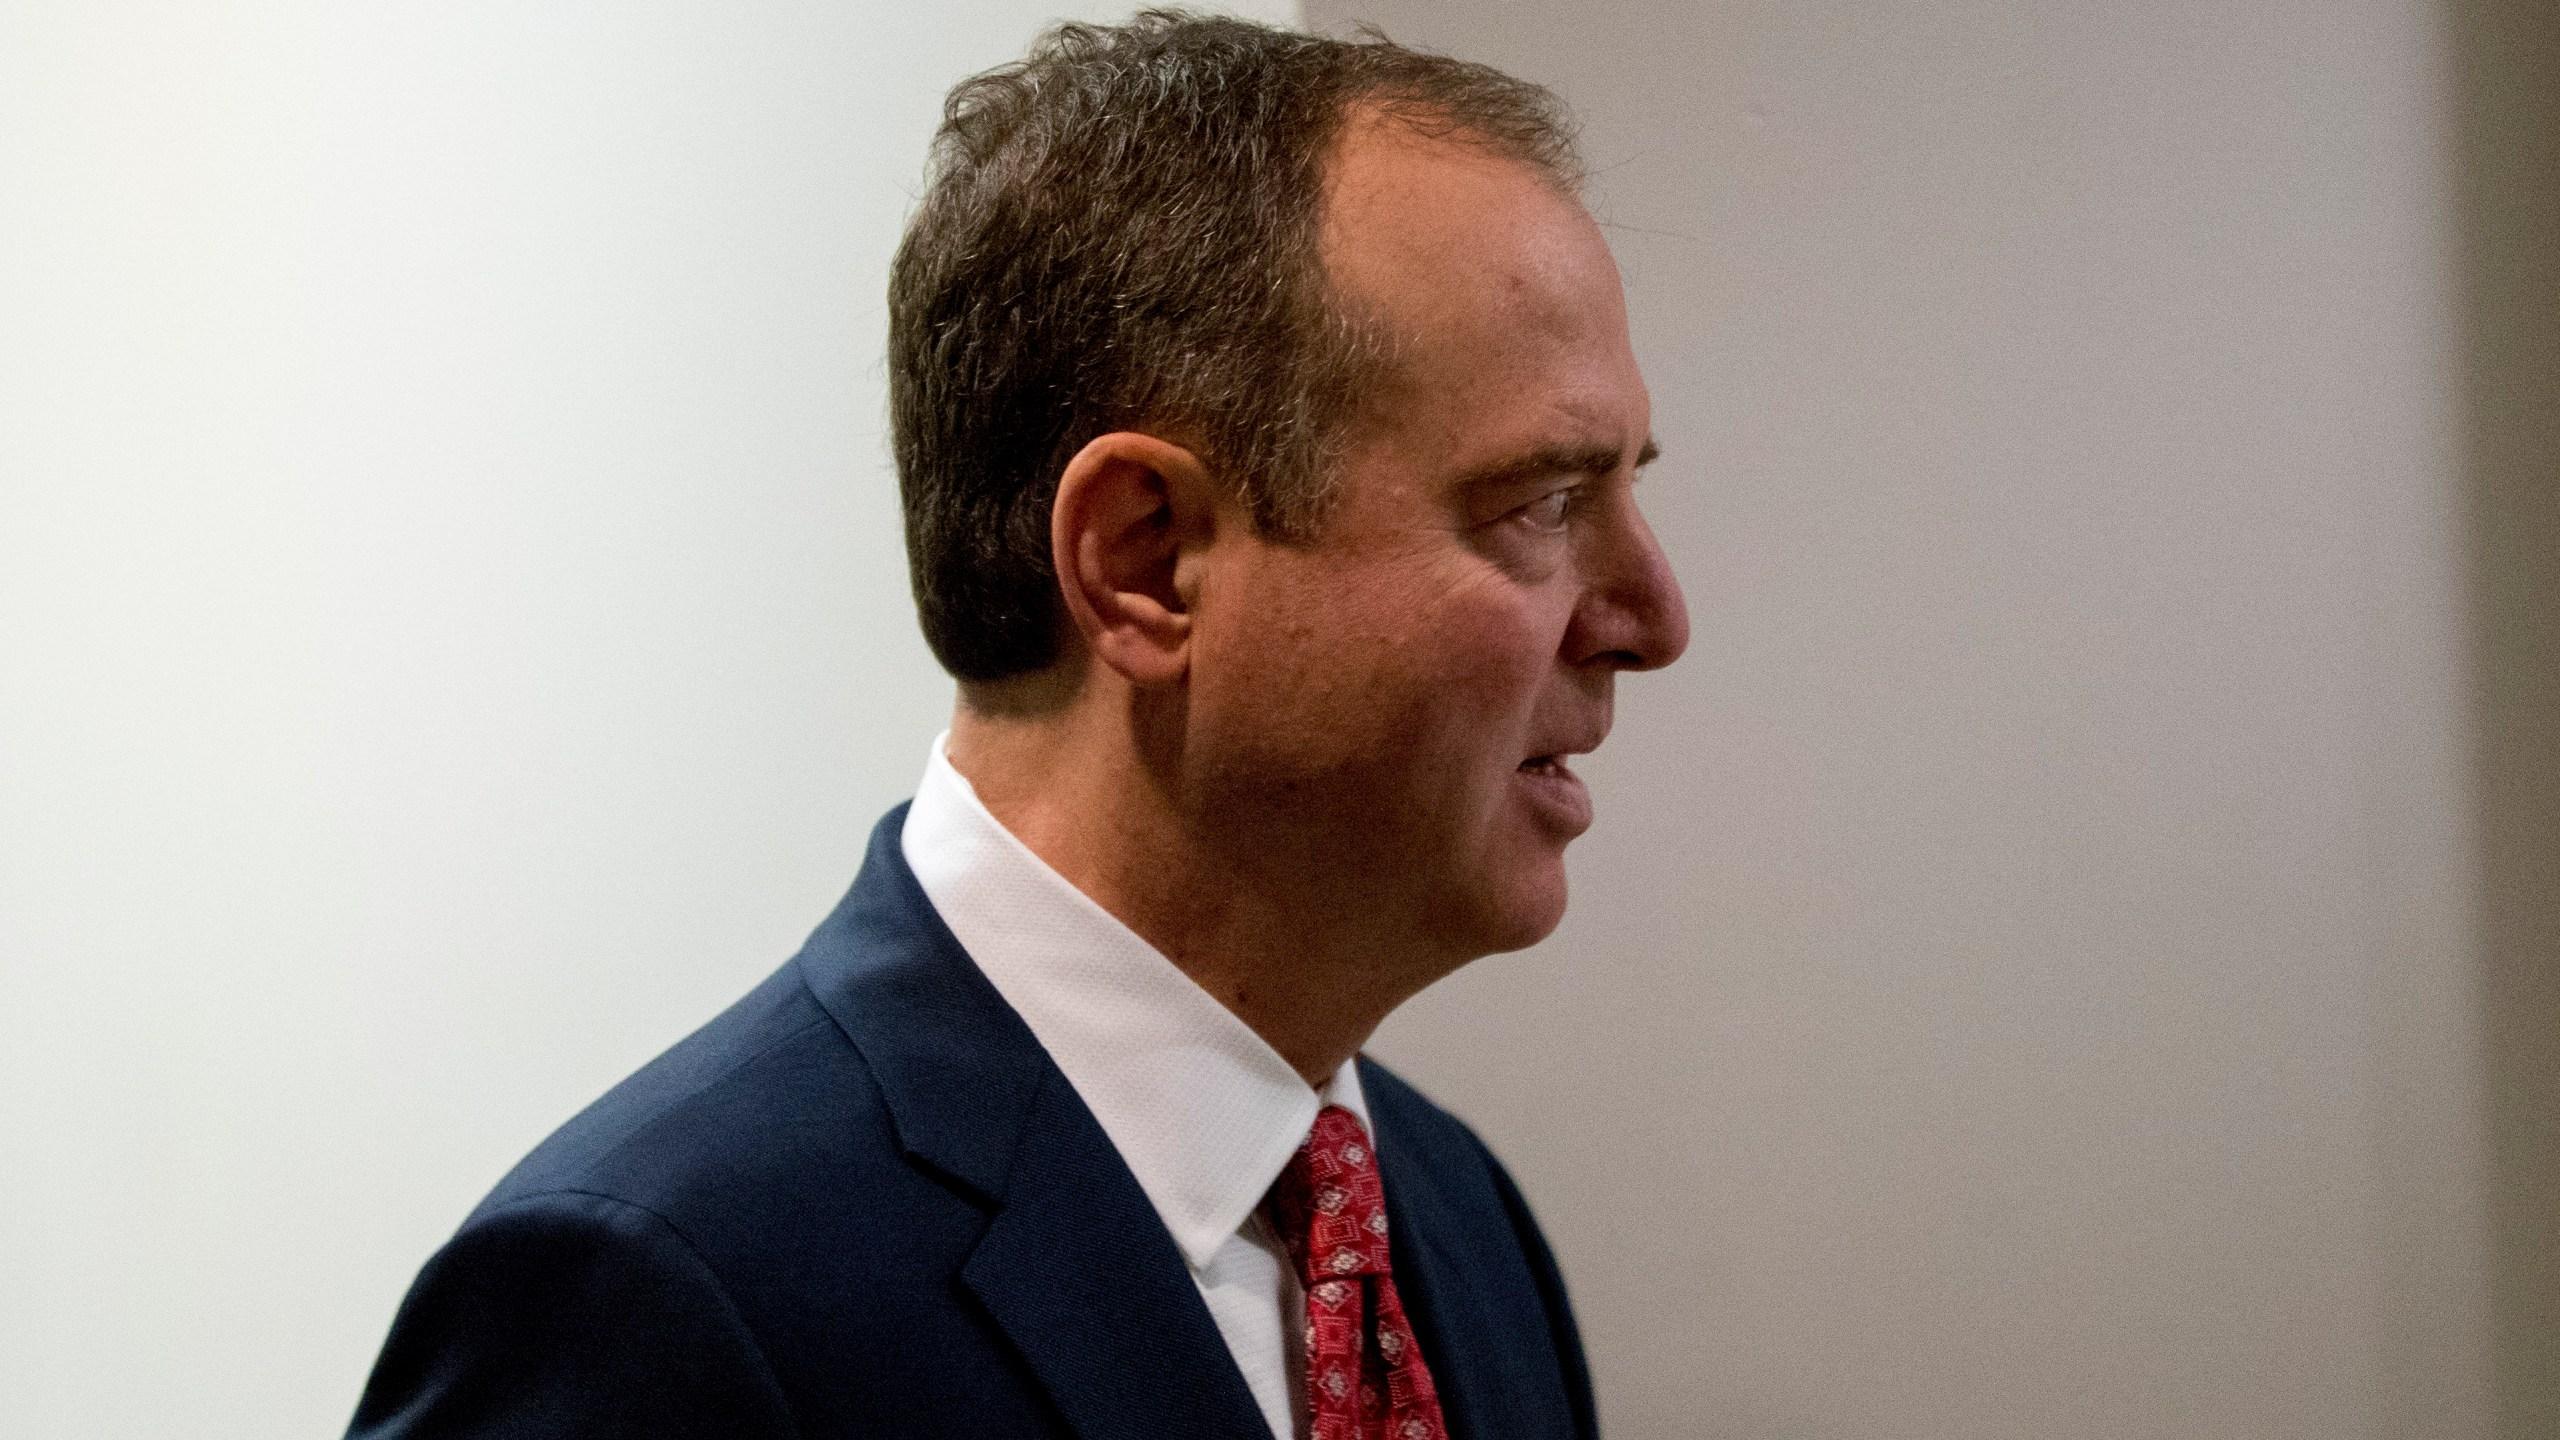 Adam Schiff